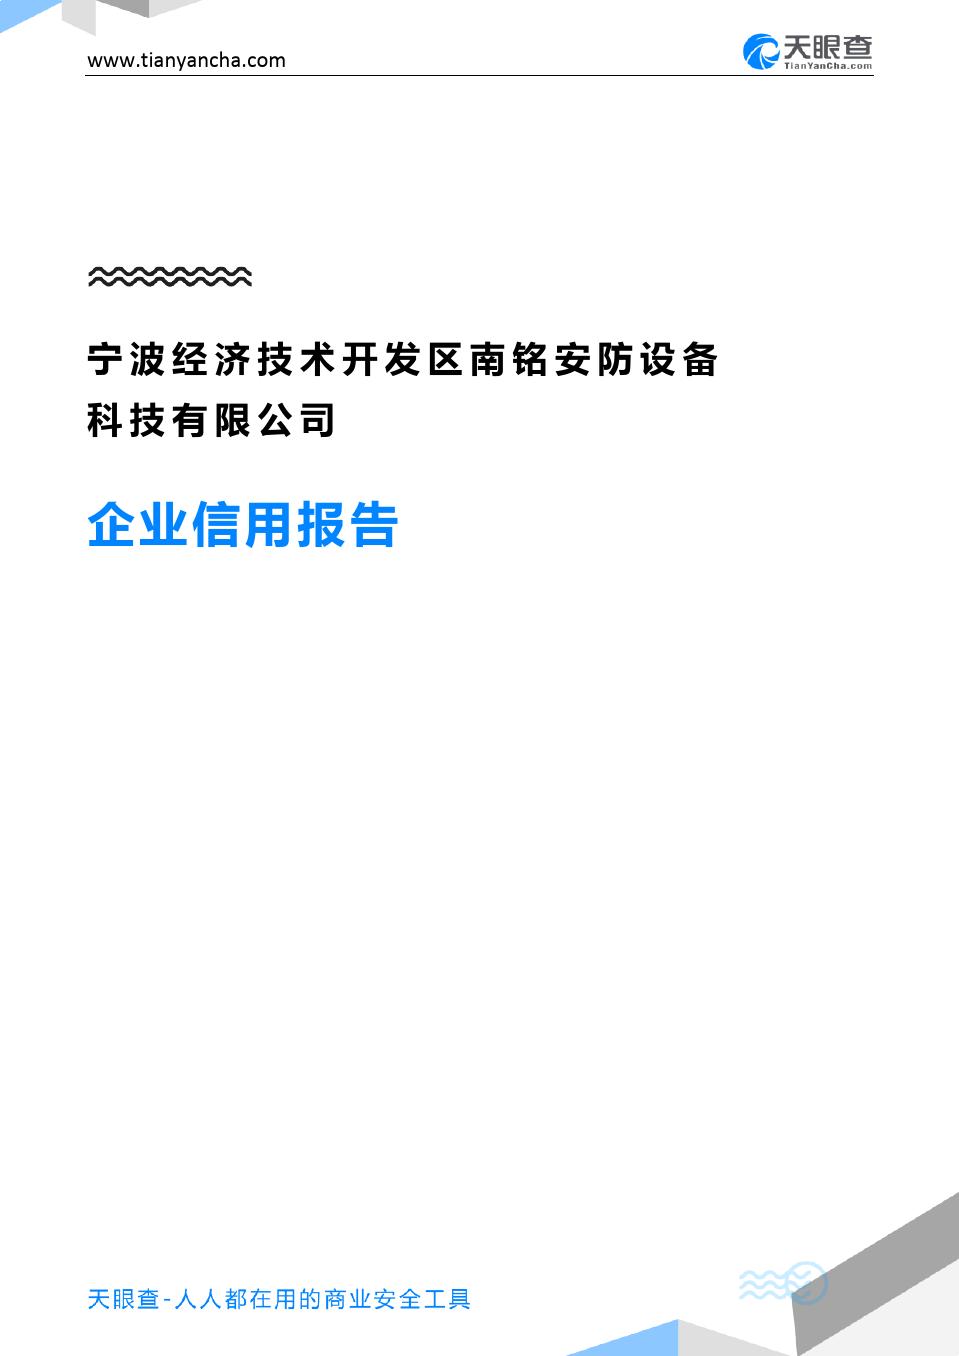 宁波经济技术开发区南铭安防设备科技有限公司企业信用报告-天眼查